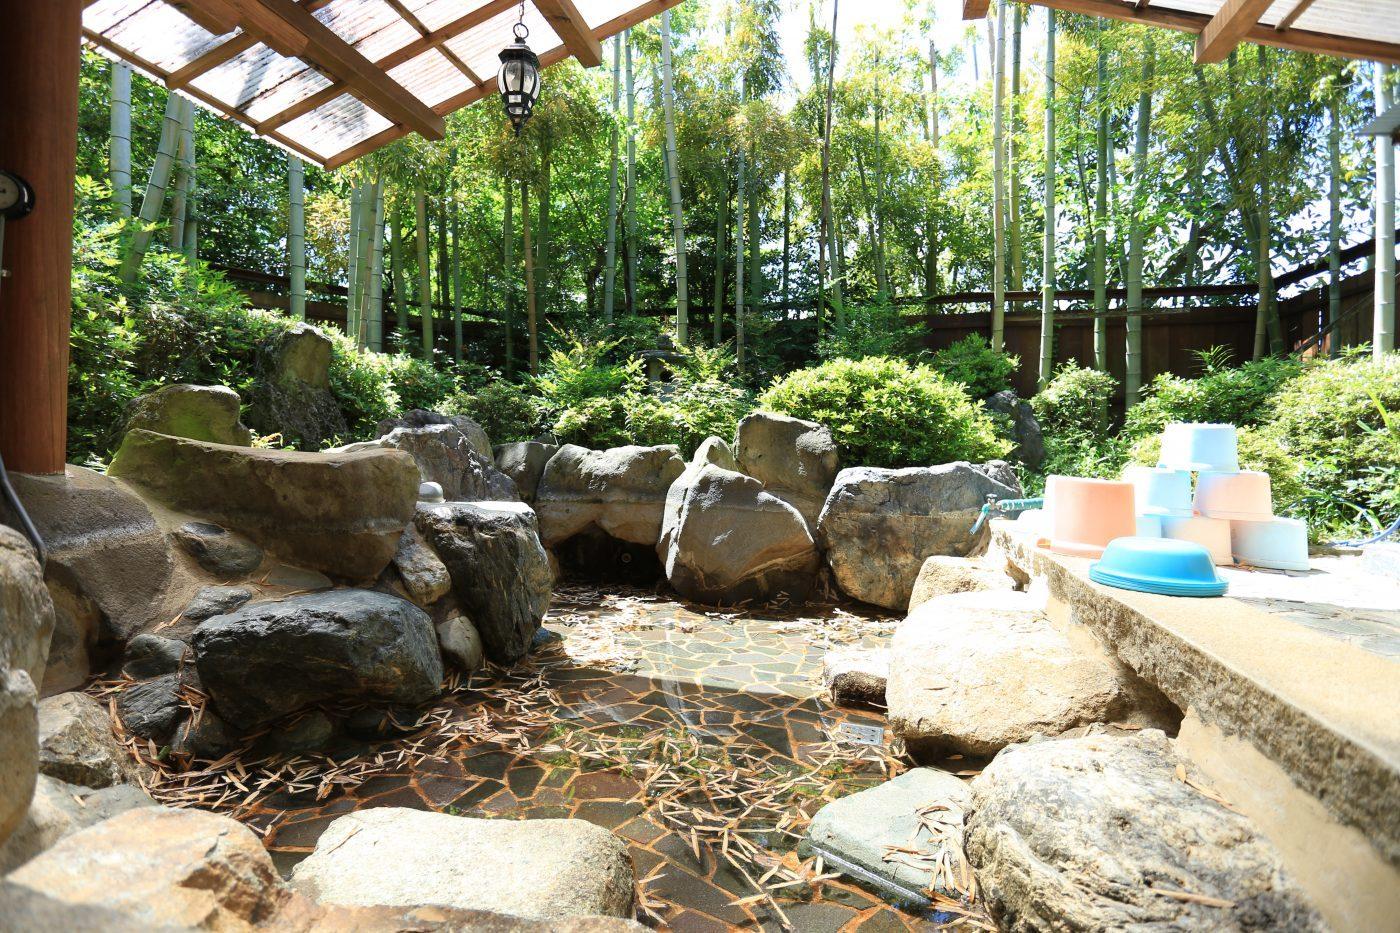 露天風呂男湯です。キャンプ場とは思えない景観です。